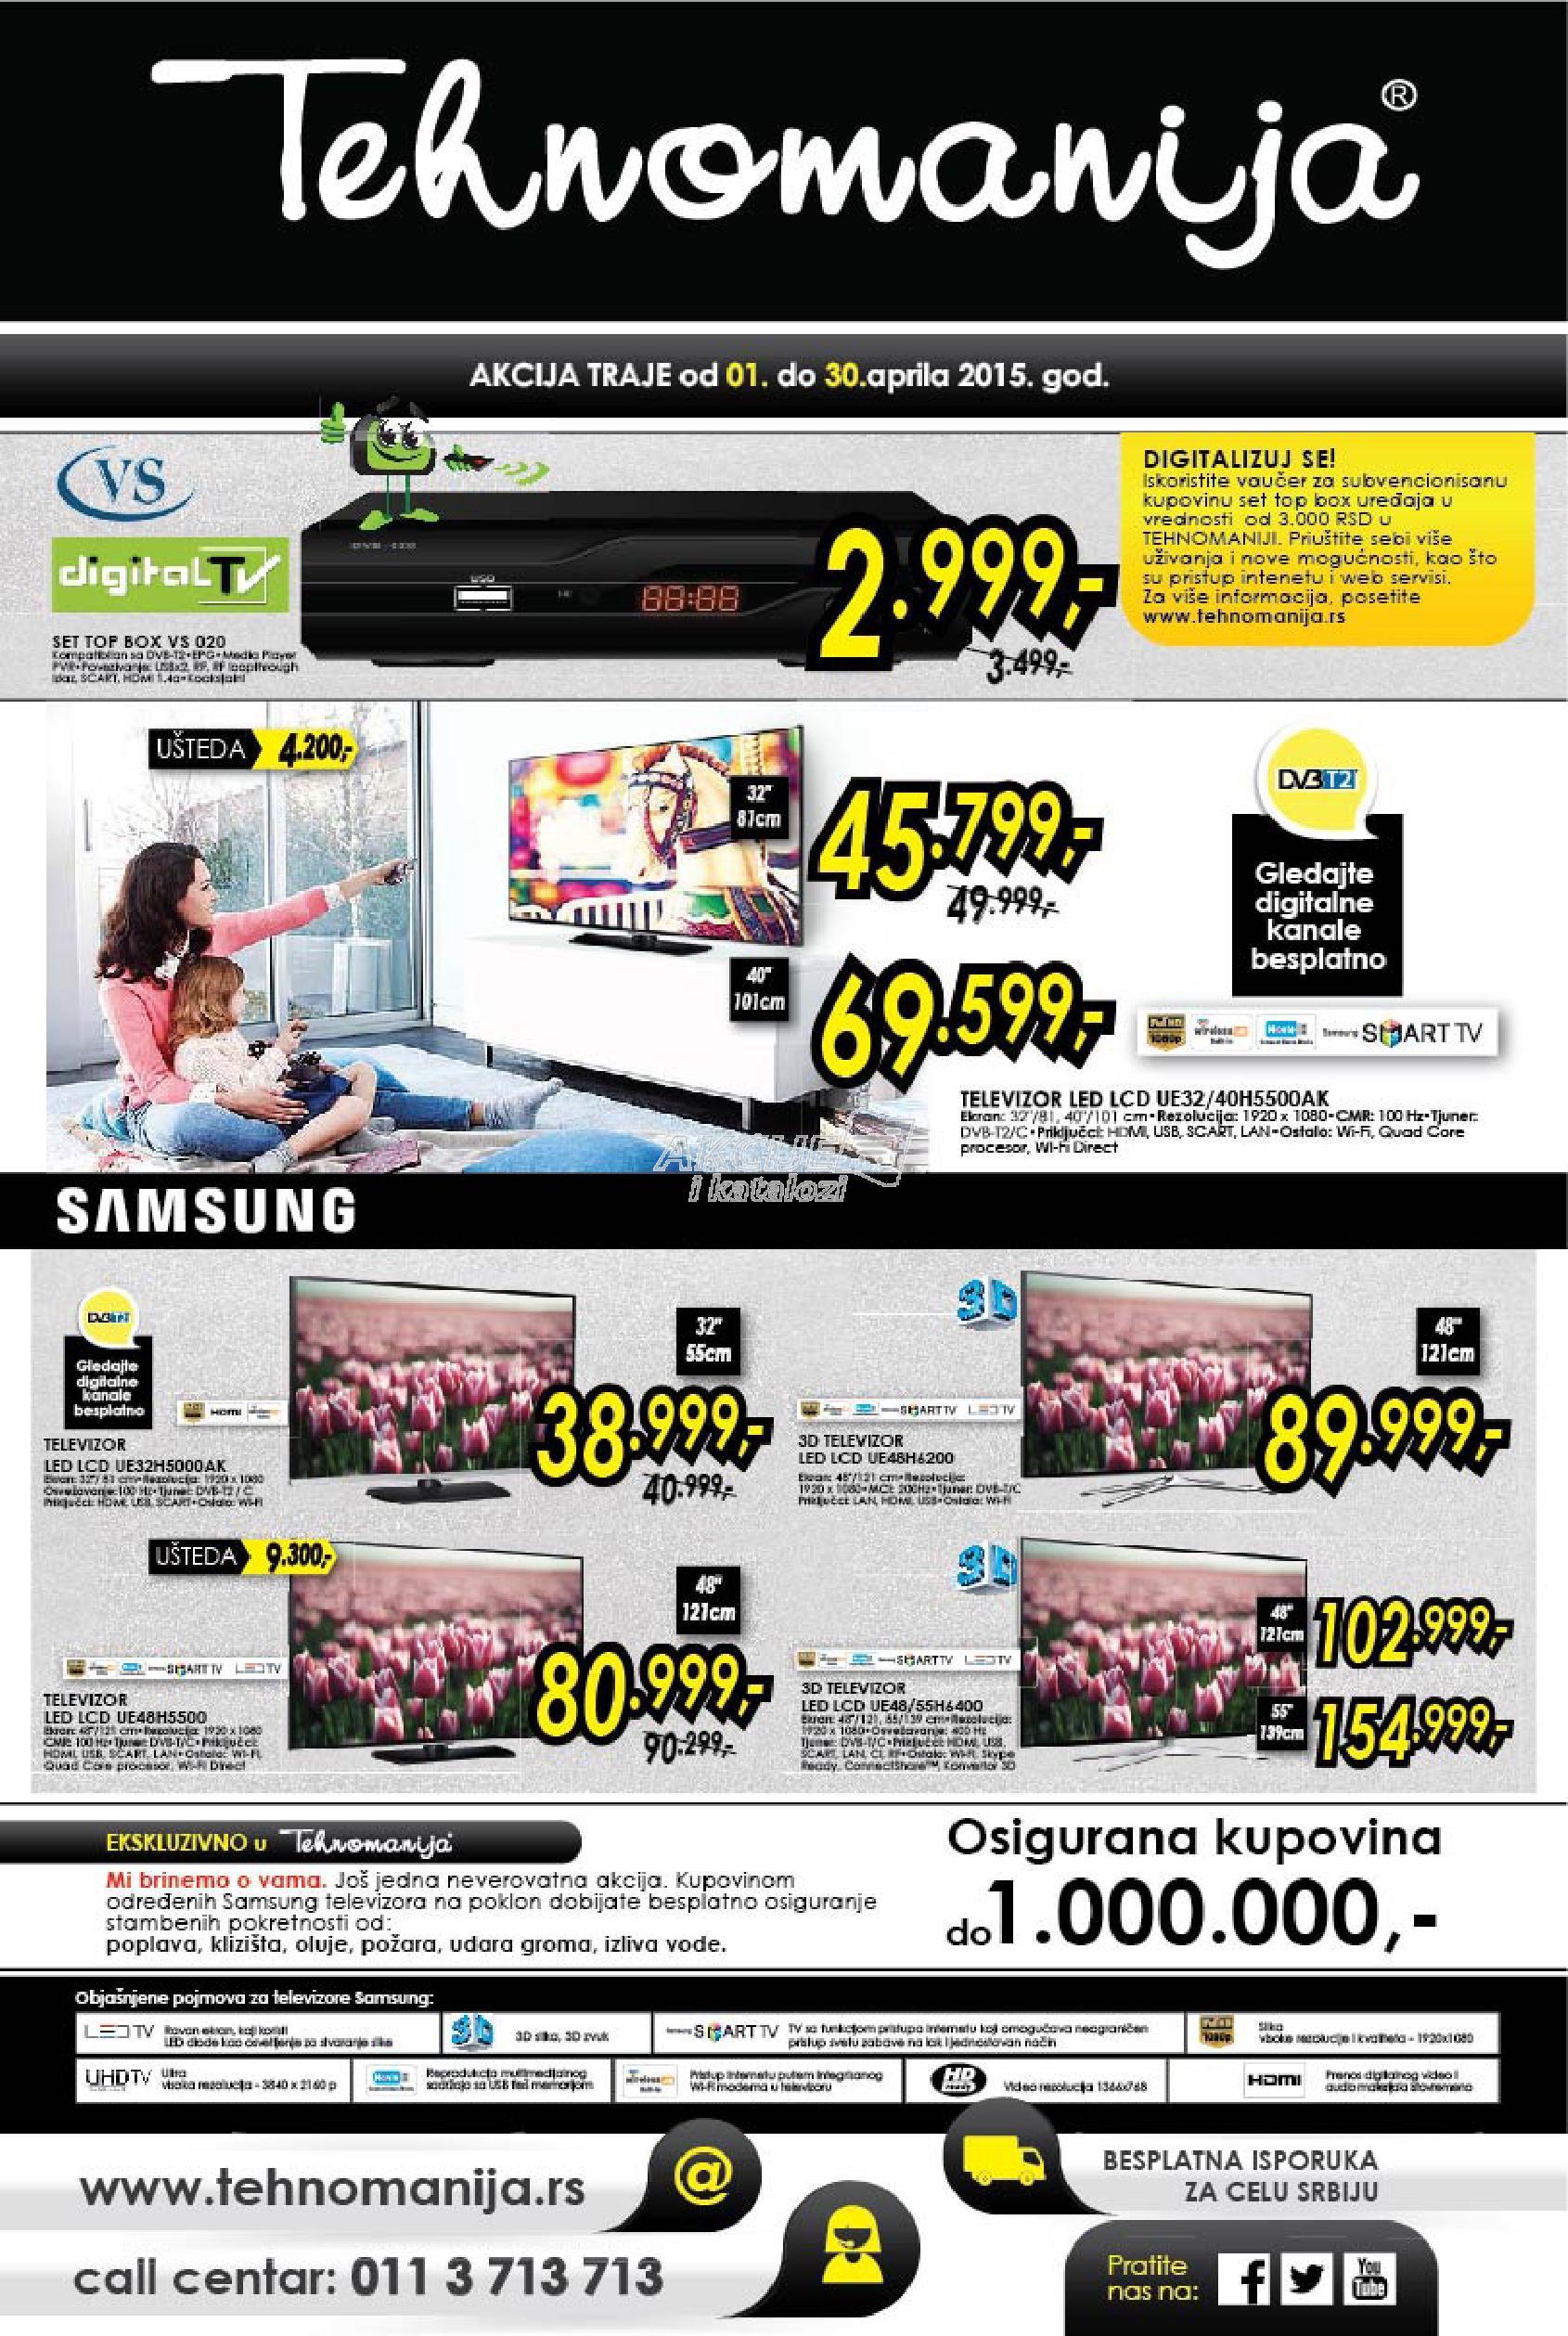 Tehnomanija - Redovna akcija super ponuda TV aparata